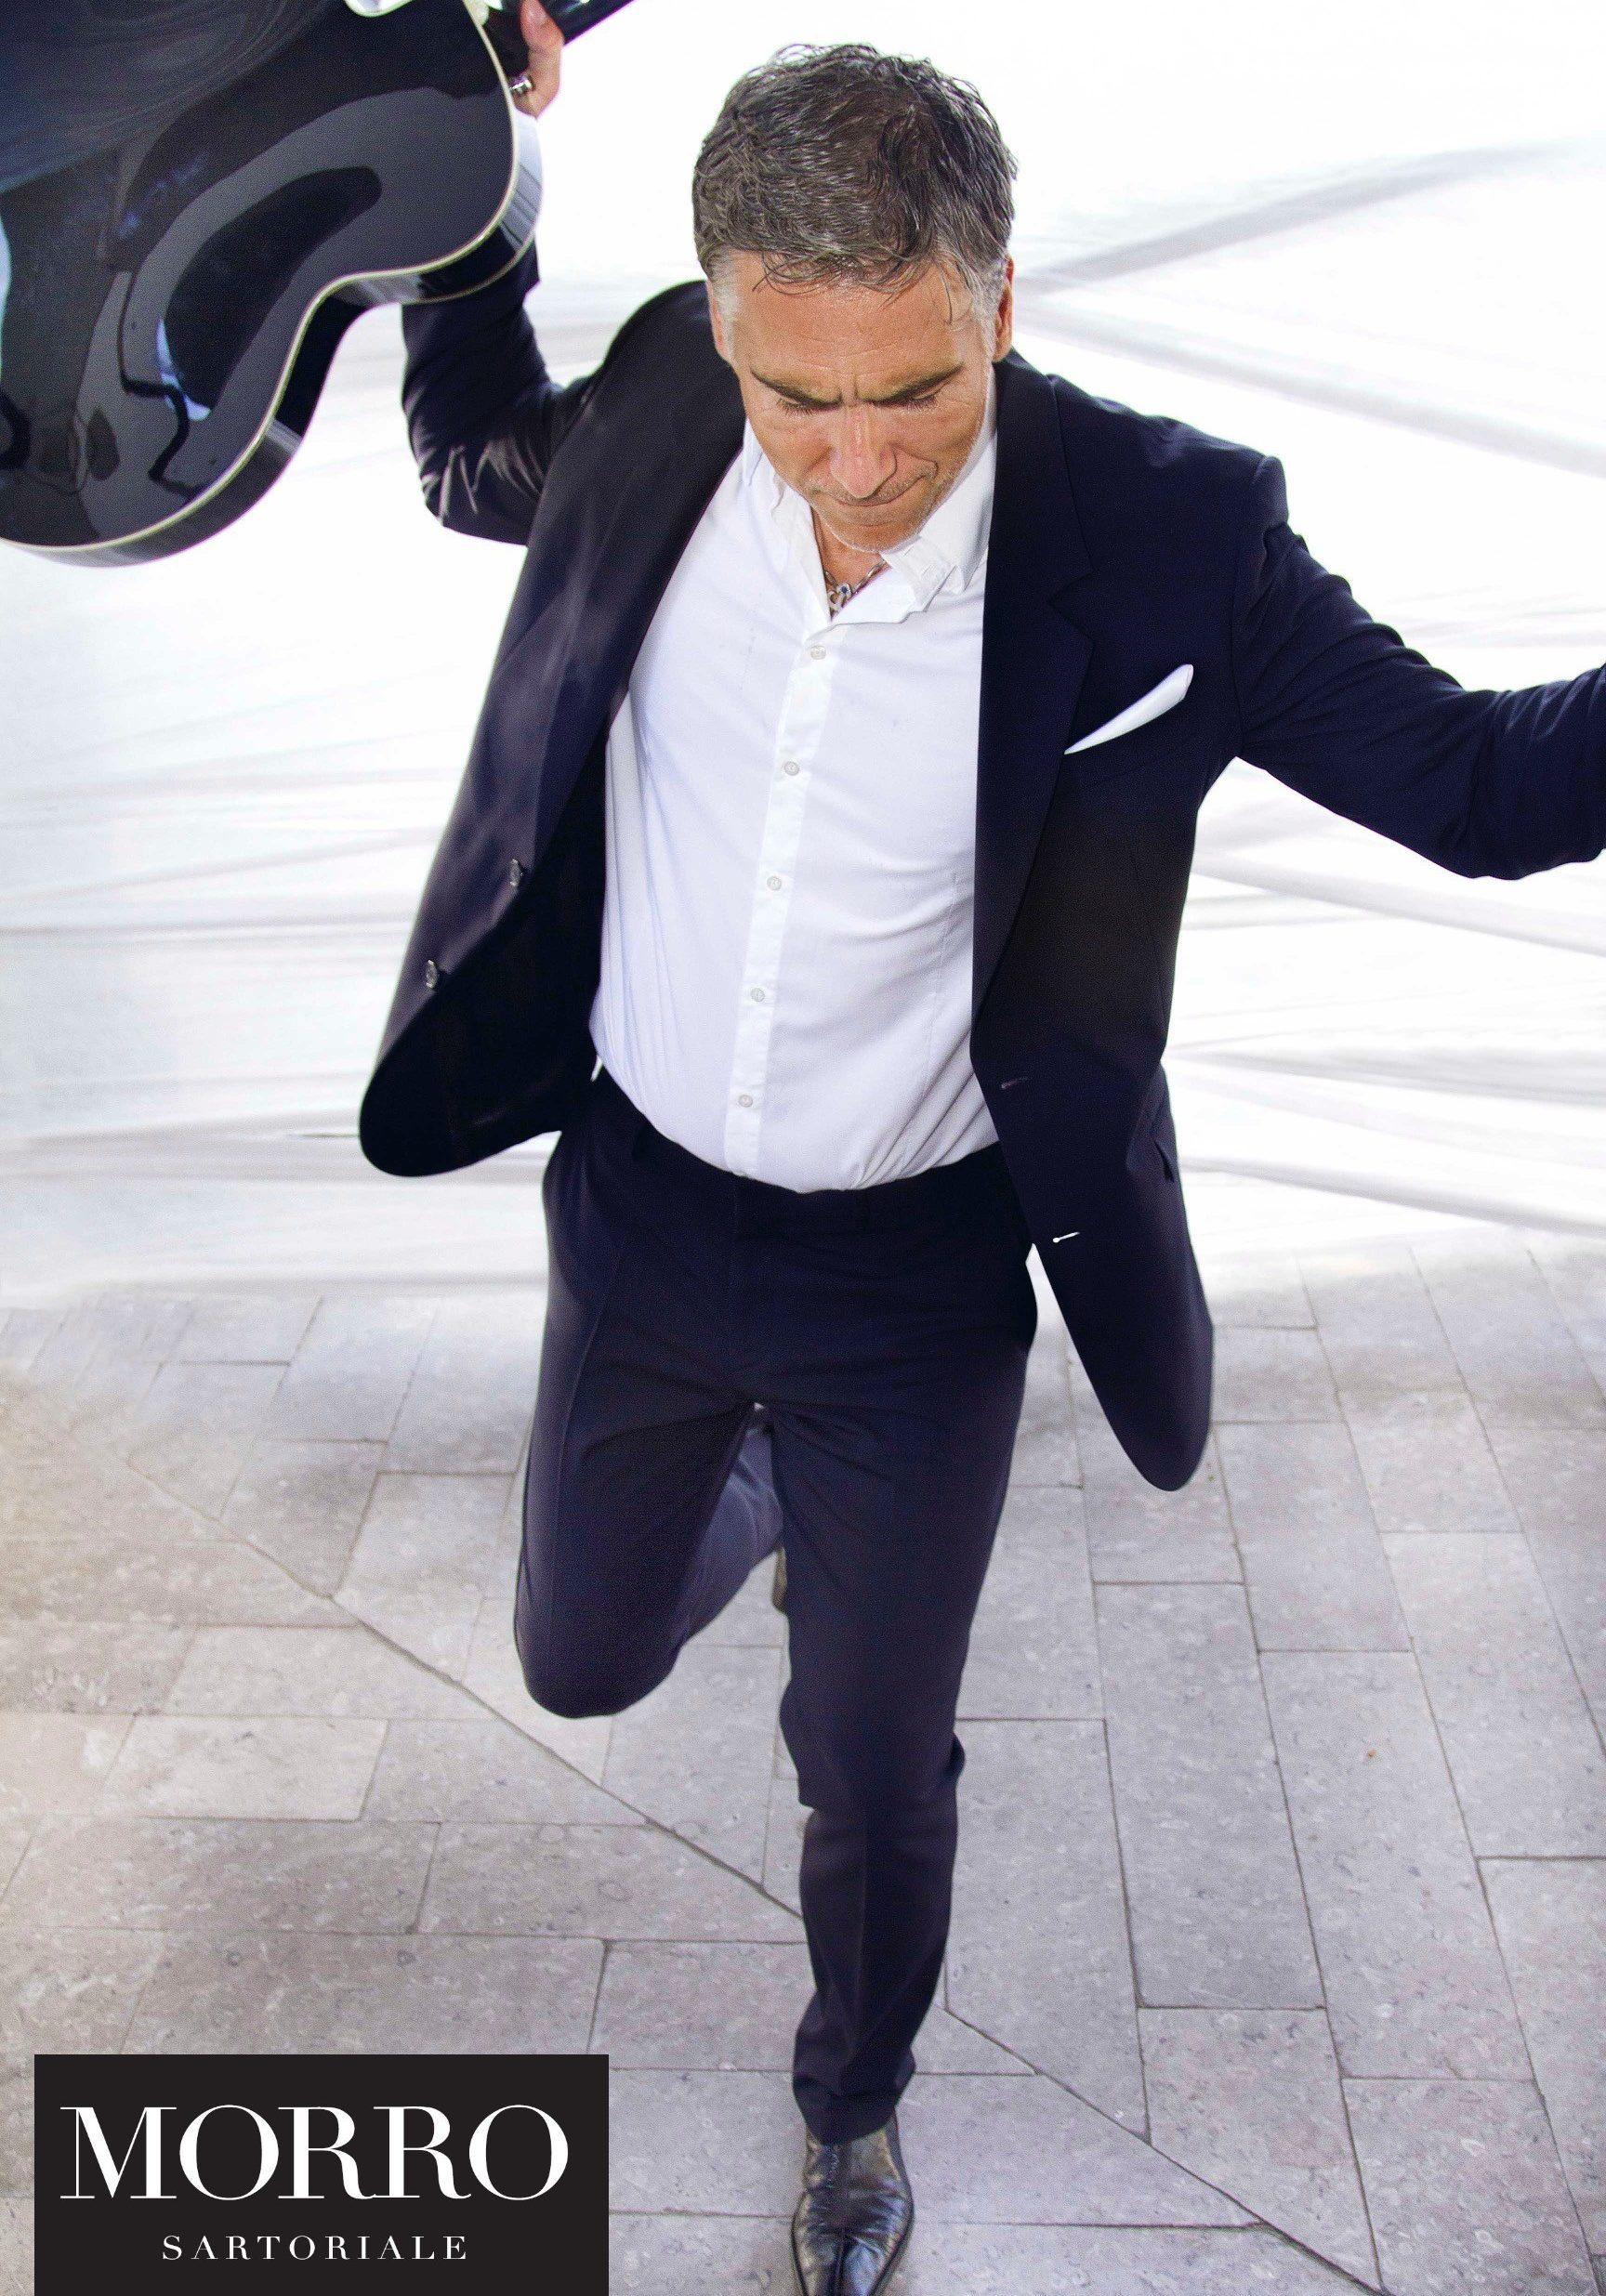 morro moške obleke pomeri